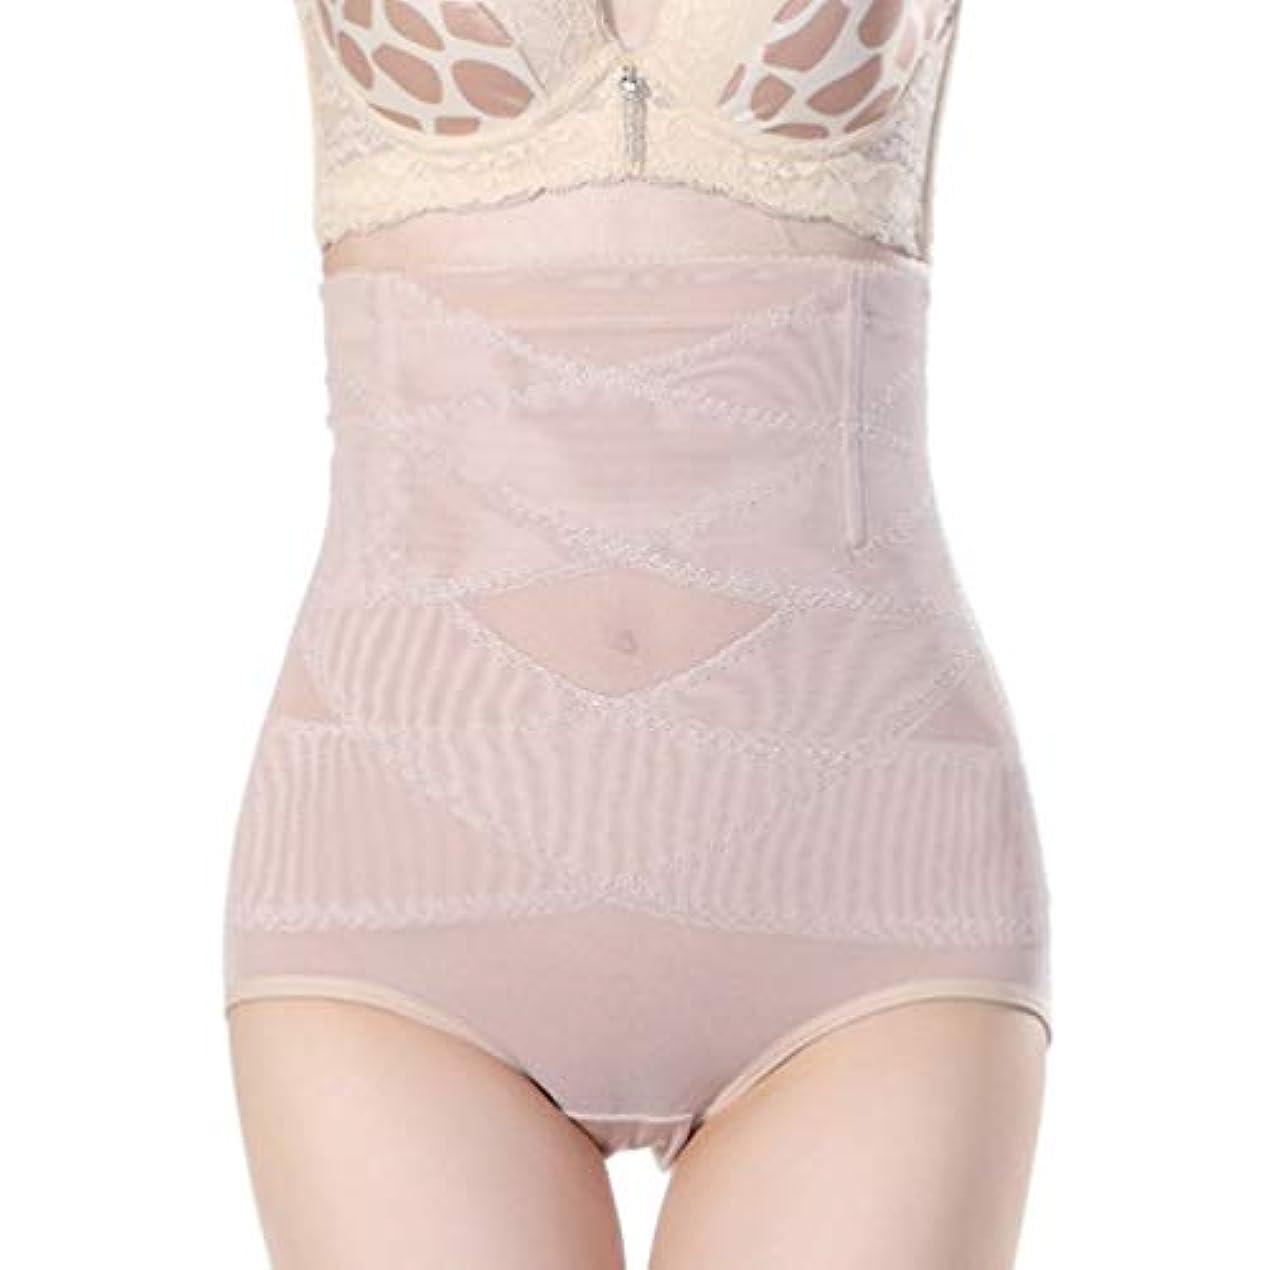 穴ビジネスありがたい腹部制御下着シームレスおなかコントロールパンティーバットリフターボディシェイパーを痩身通気性のハイウエストの女性 - 肌色L